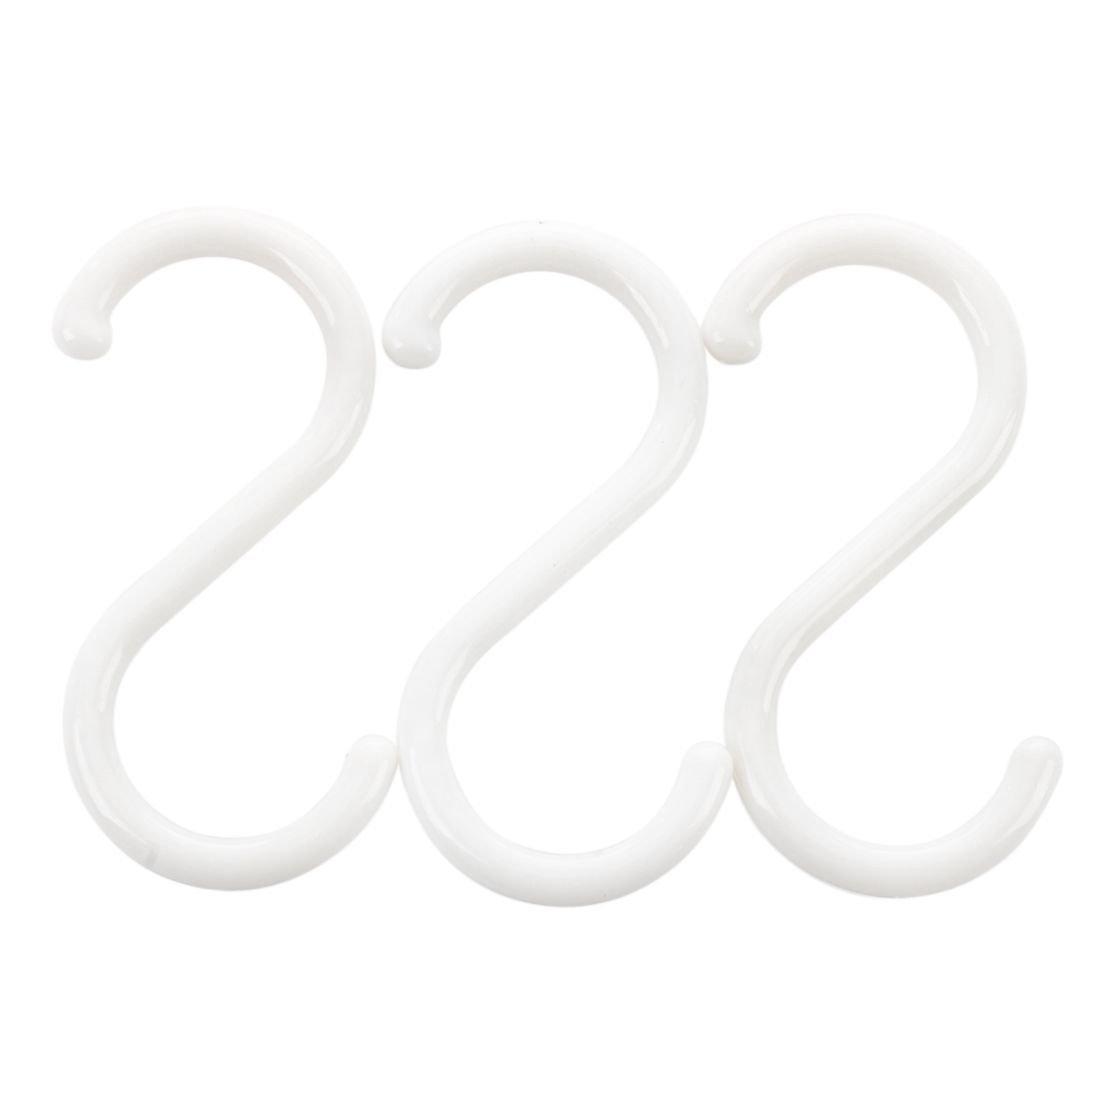 Sonline Household White S Hooks Clothes Towel Hanger Rack Hanging Holder 3PCS